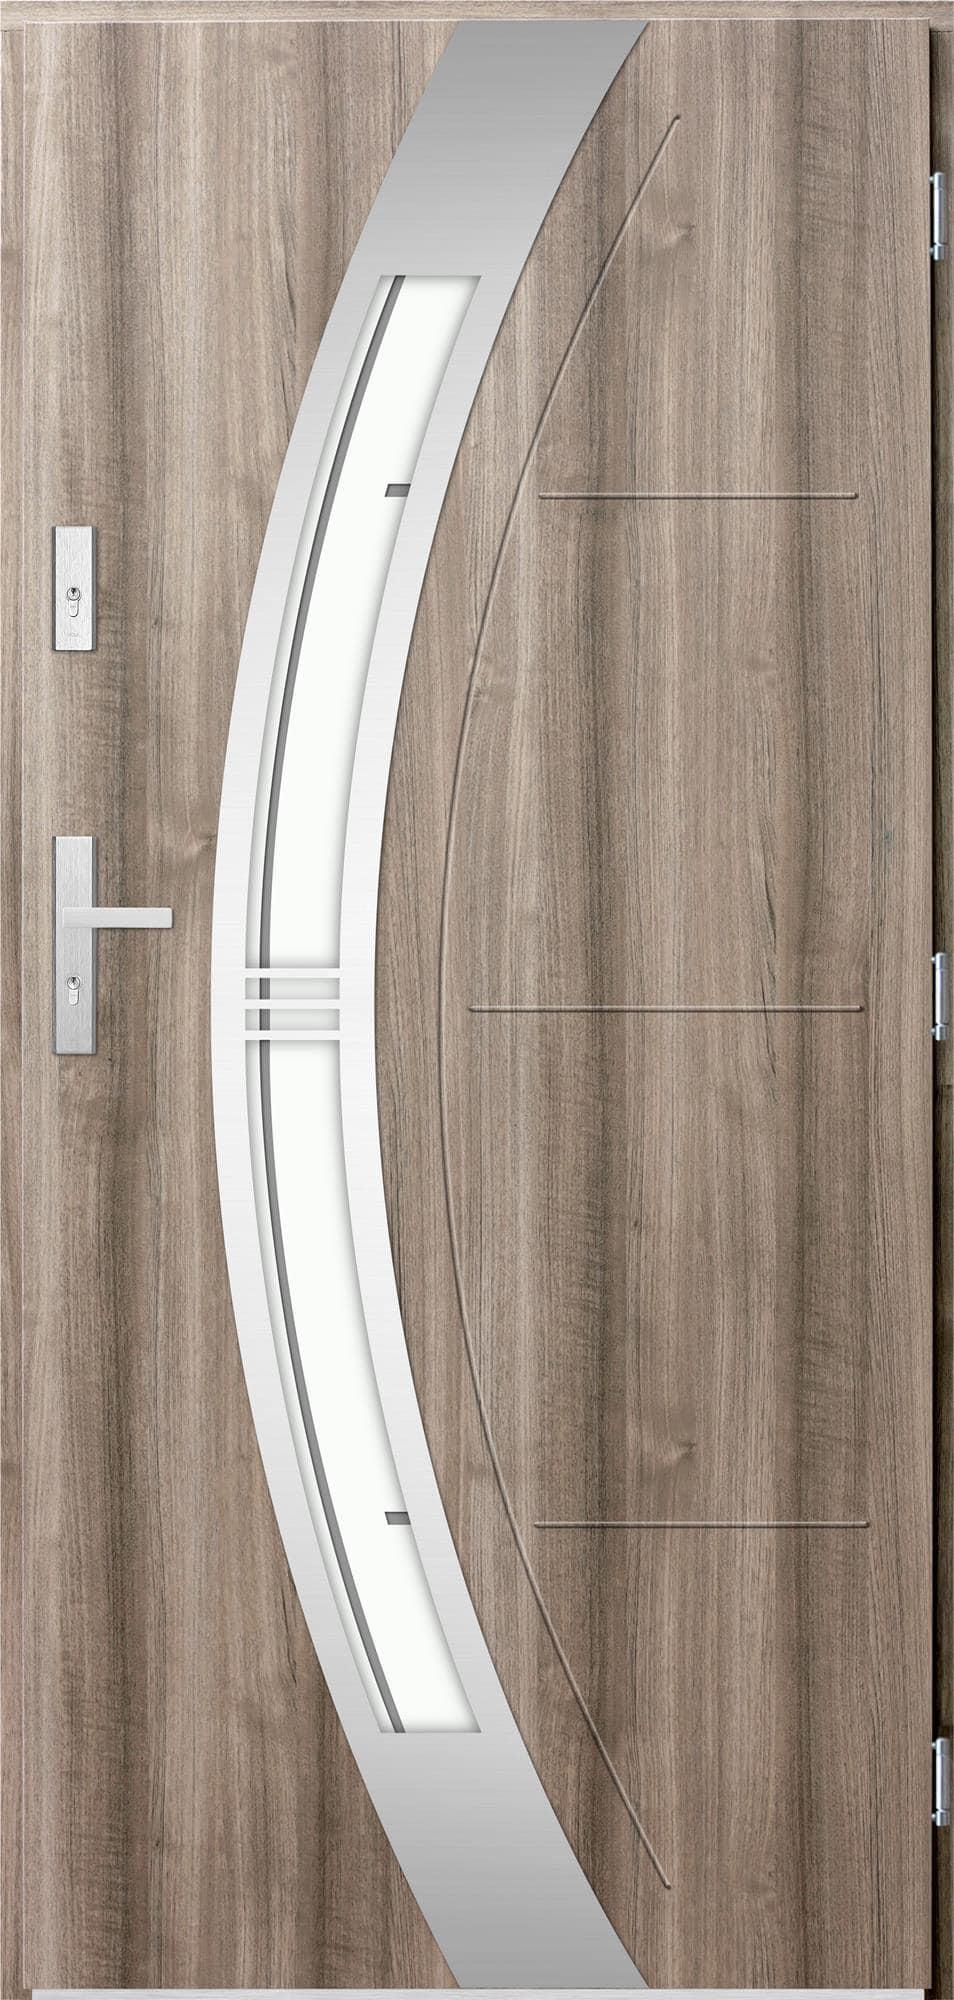 Venkovní vchodové dveøe Andrea, svìtlý dub